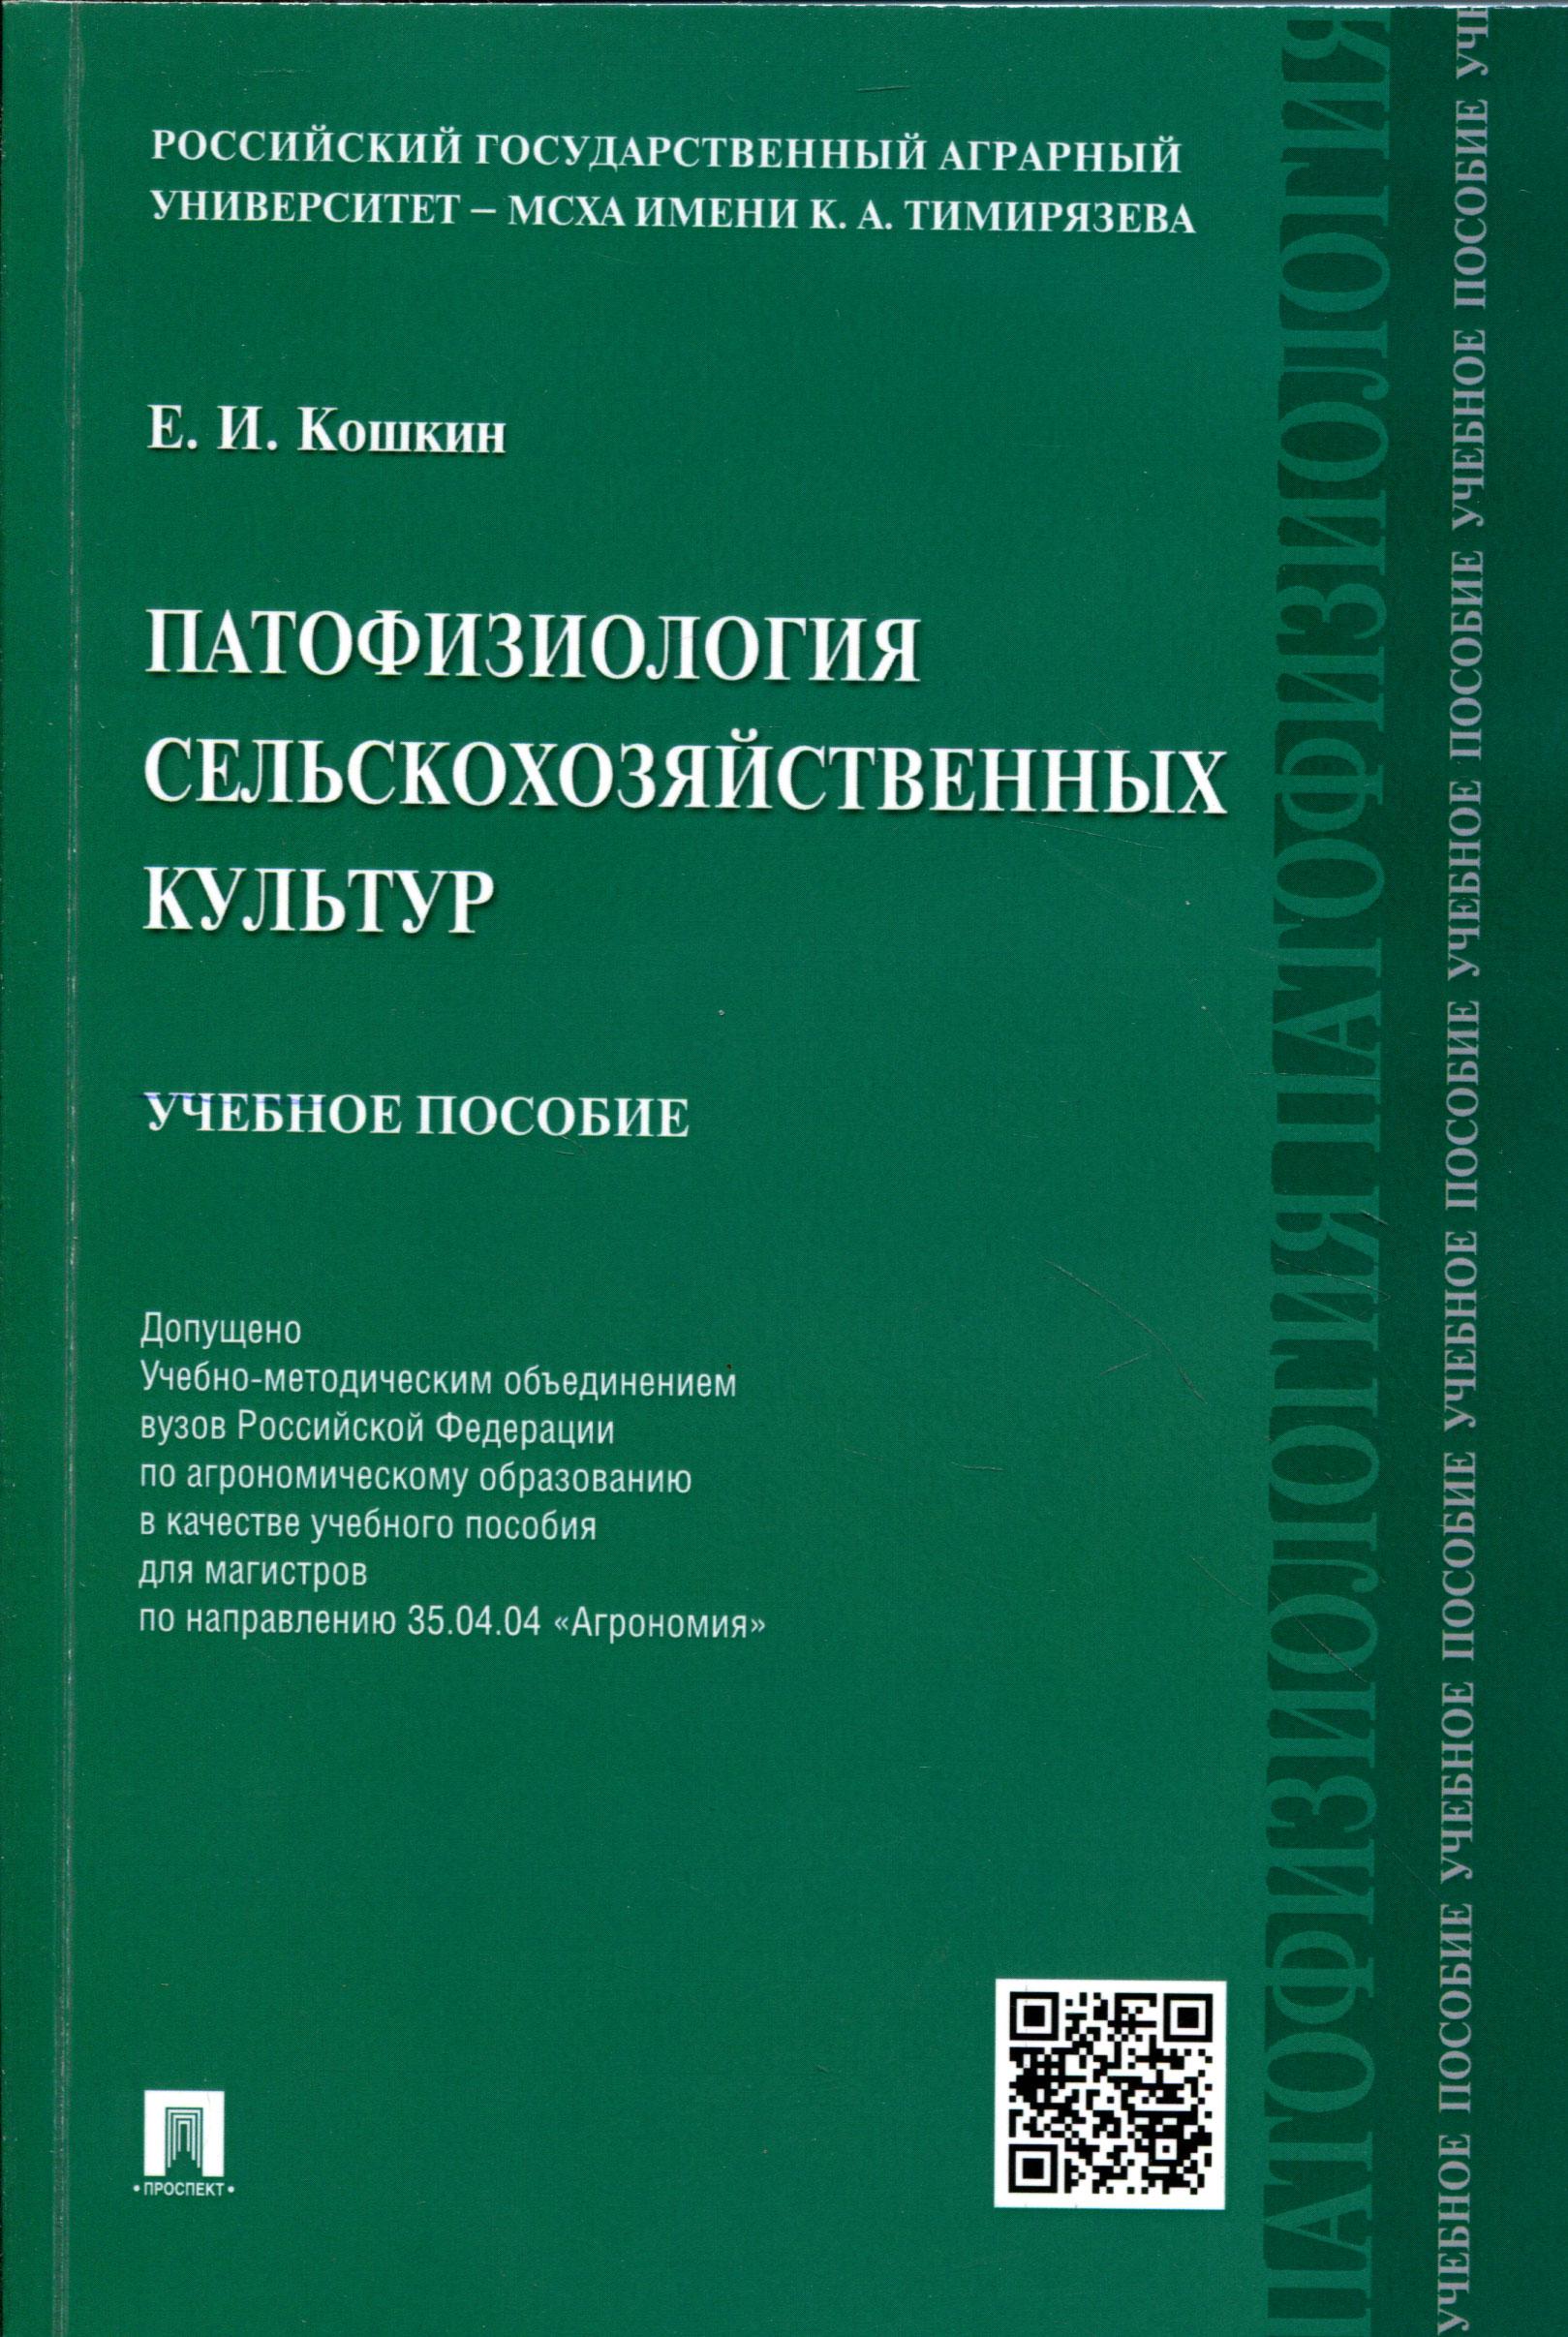 Патофизиология сельскохозяйственных культур. Учебное пособие